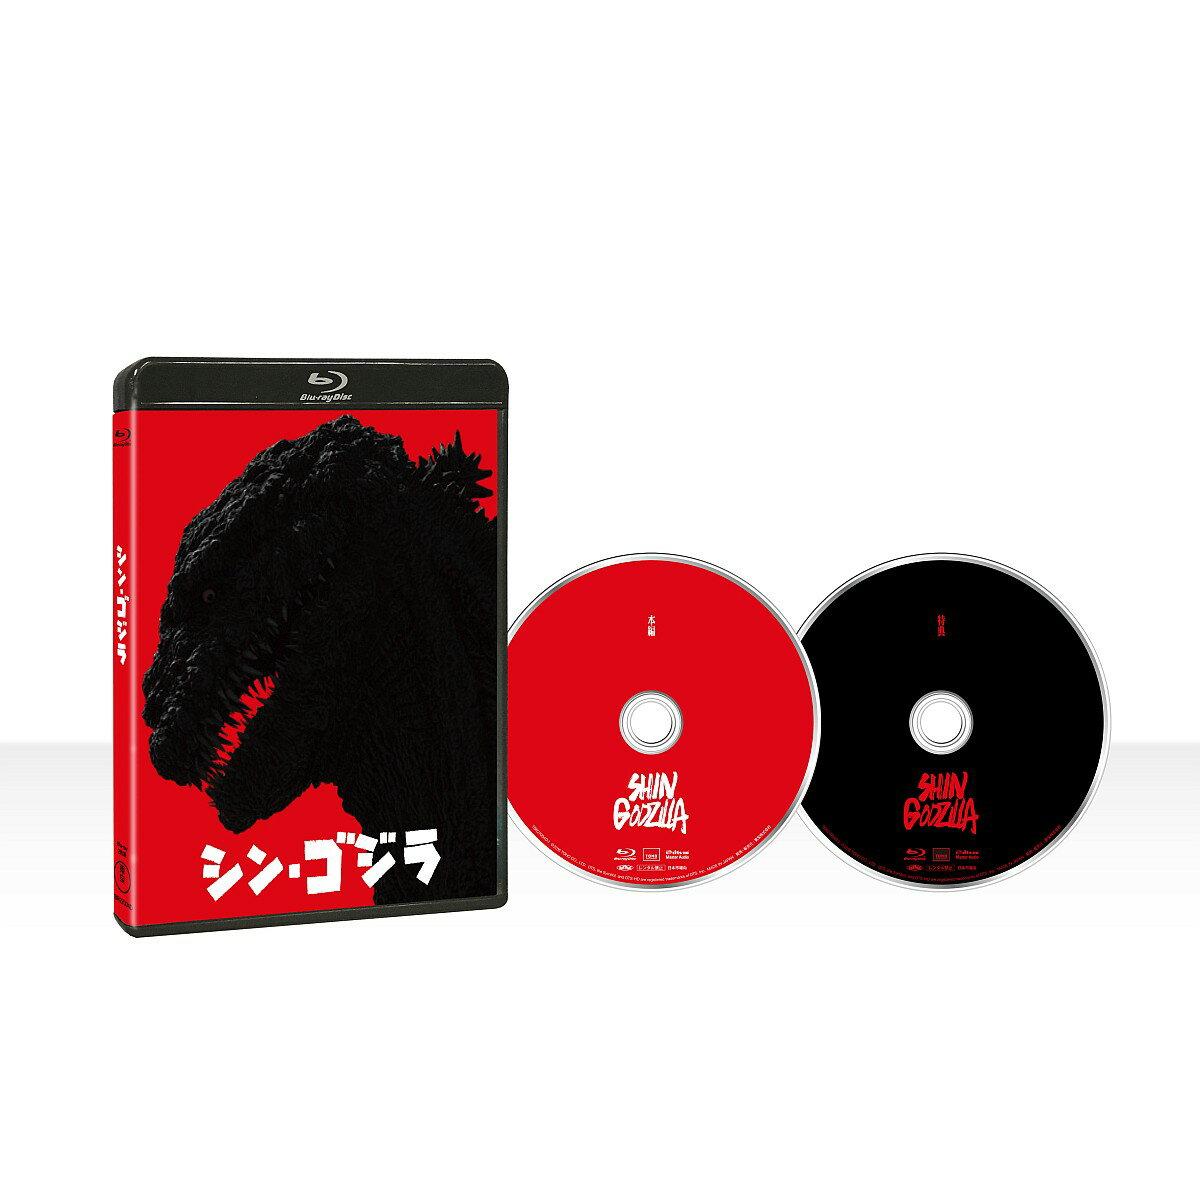 シン・ゴジラ Blu-ray2枚組【Blu-ray】 [ 長谷川博己 ]